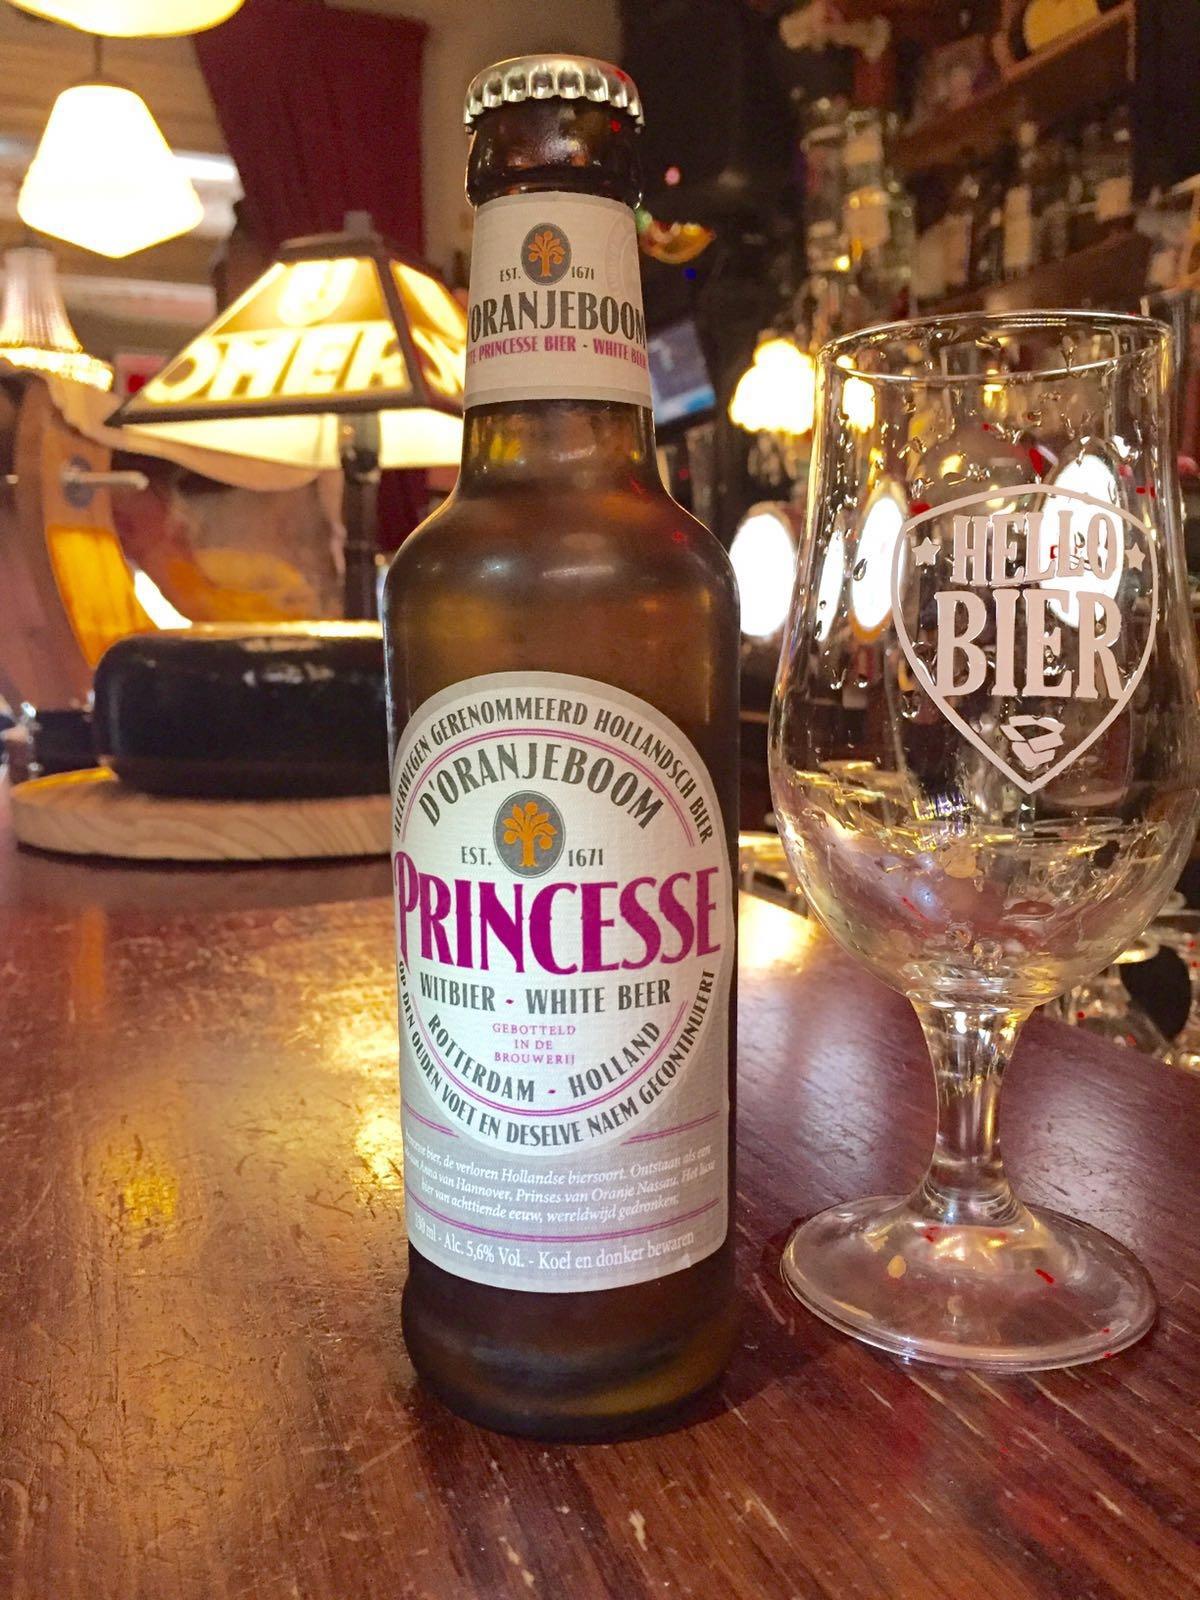 """Princesse Witbier Herkomst: Breda, Nederland Wij zijn trots dat we dit bier in ons pakket mogen toevoegen. Dit """"vergeten"""" historisch bier is nieuw leven ingeblazen. Princesse is een van de meest historische bieren. Vroeger werd dit bier door twee Amsterdamse brouwerijen gebrouwen, tegenwoordig door United Dutch Brewerys uit Rotterdam waarbij ze de naam d'orangeboom gebruiken. Dit witbier is op smaak gebracht met verschillende specerijen en kruiden. Door dit bier goed te koelen en mede dankzij zijn lage alcoholpercentage is dit witbier lekker weg te drinken. Advies serveertemperatuur: 4 à 5 graden. Alcoholpercentage 5,6%"""